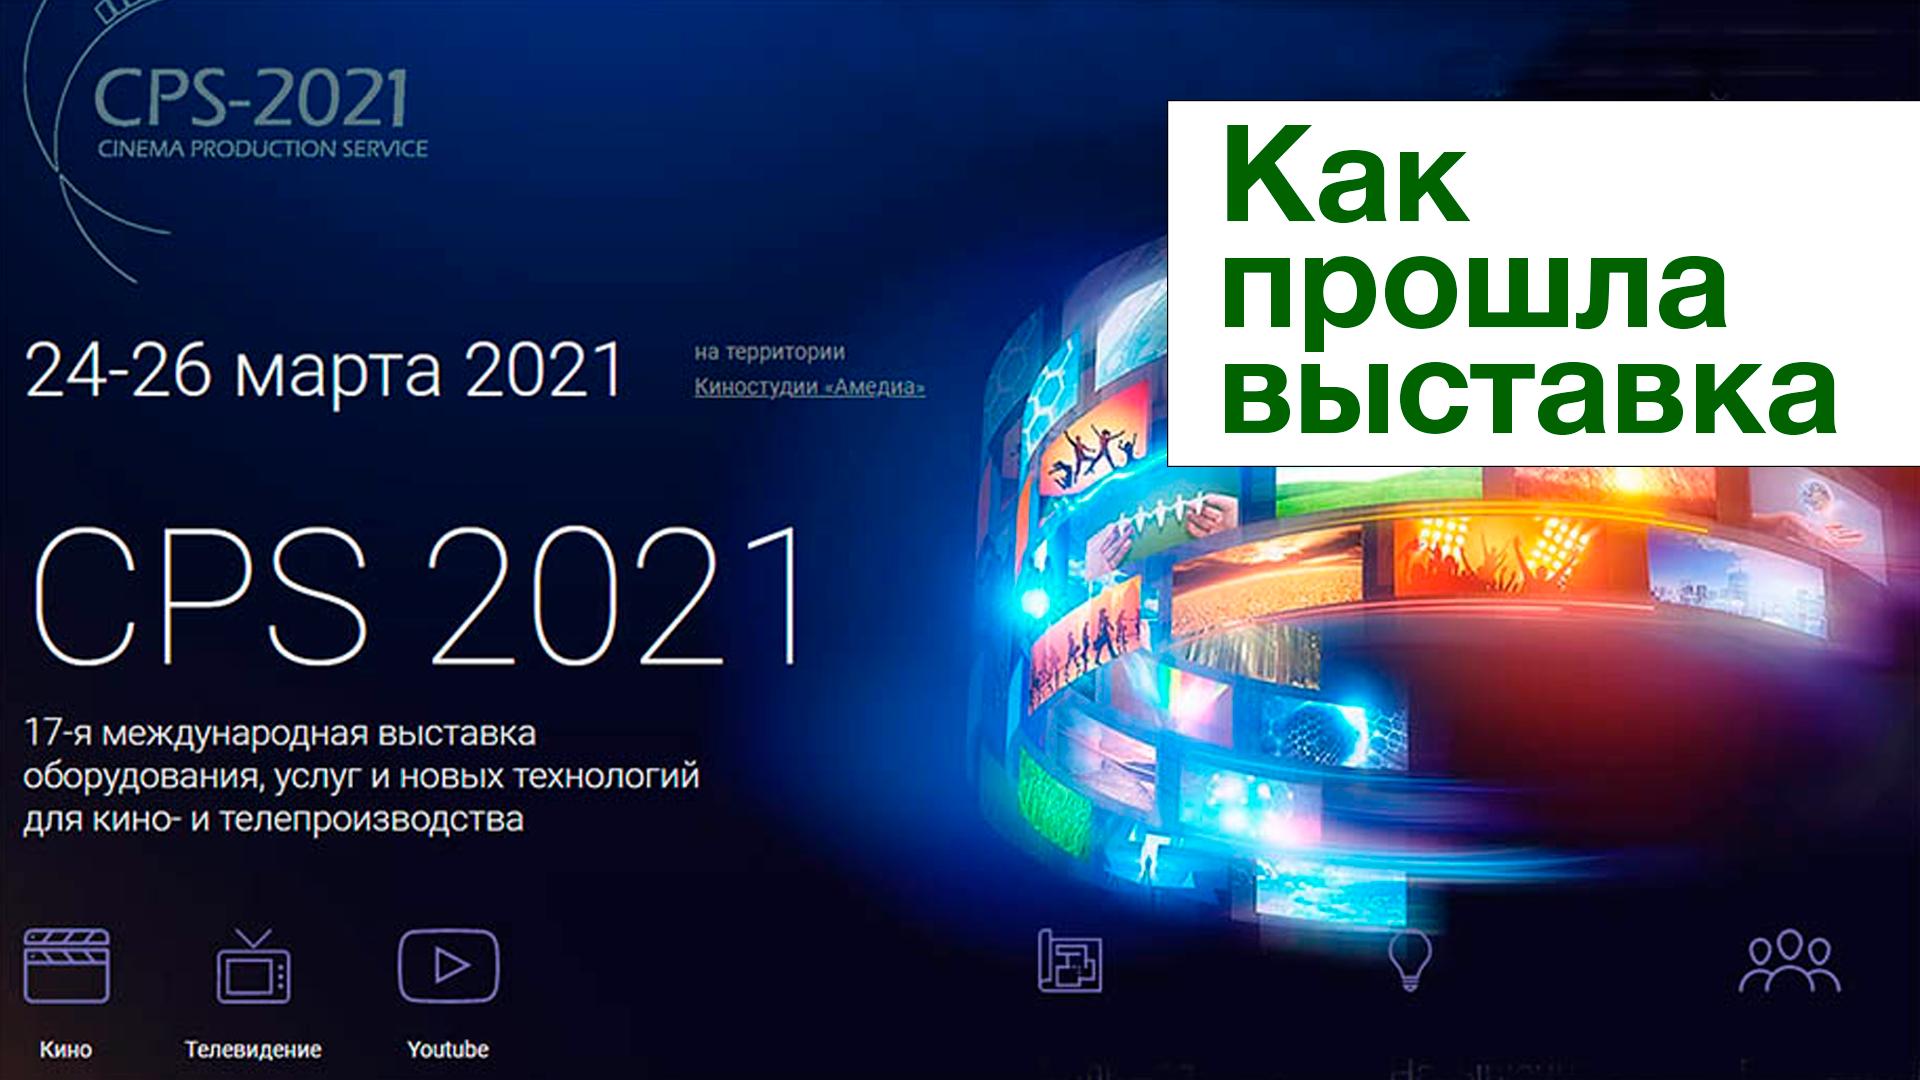 CPS 2021: новинки и события первой выставки